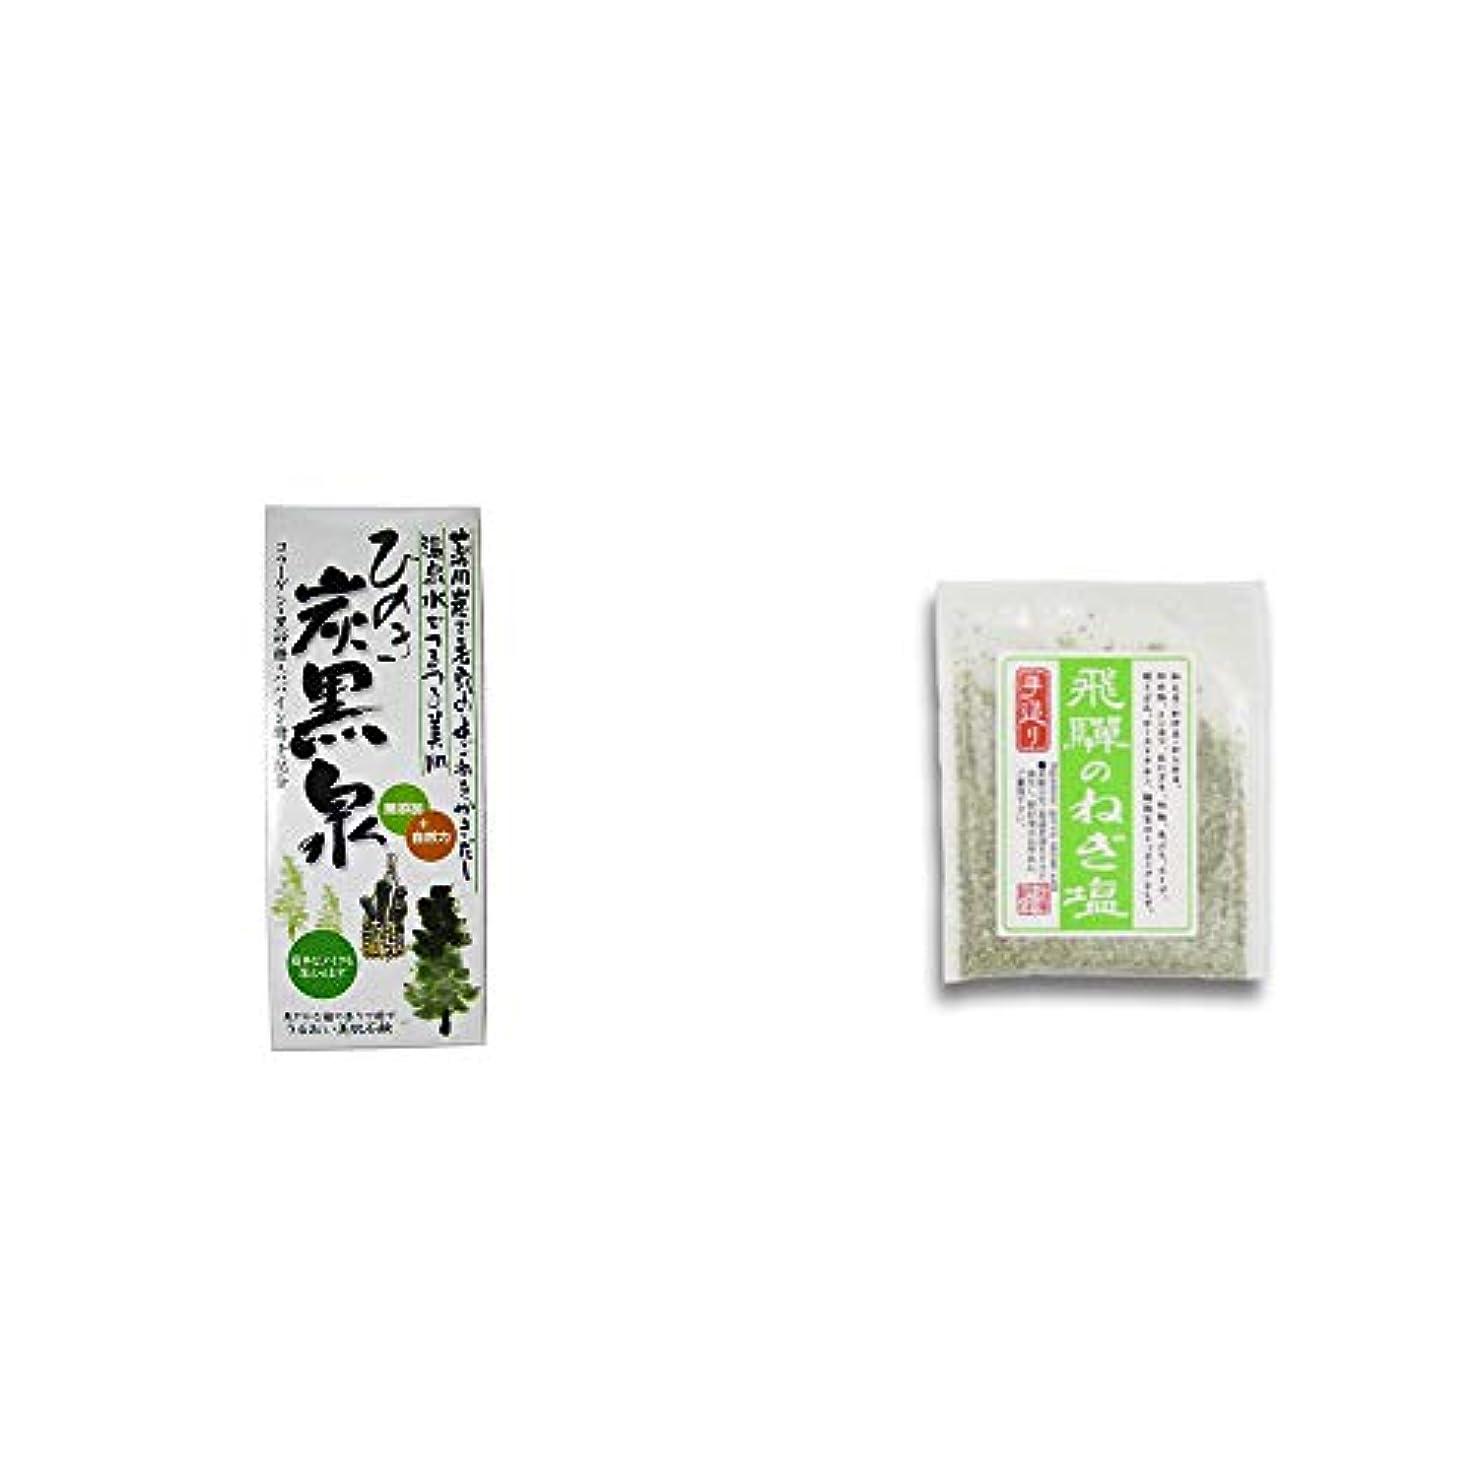 植物の人差し指レザー[2点セット] ひのき炭黒泉 箱入り(75g×3)?手造り 飛騨のねぎ塩(40g)